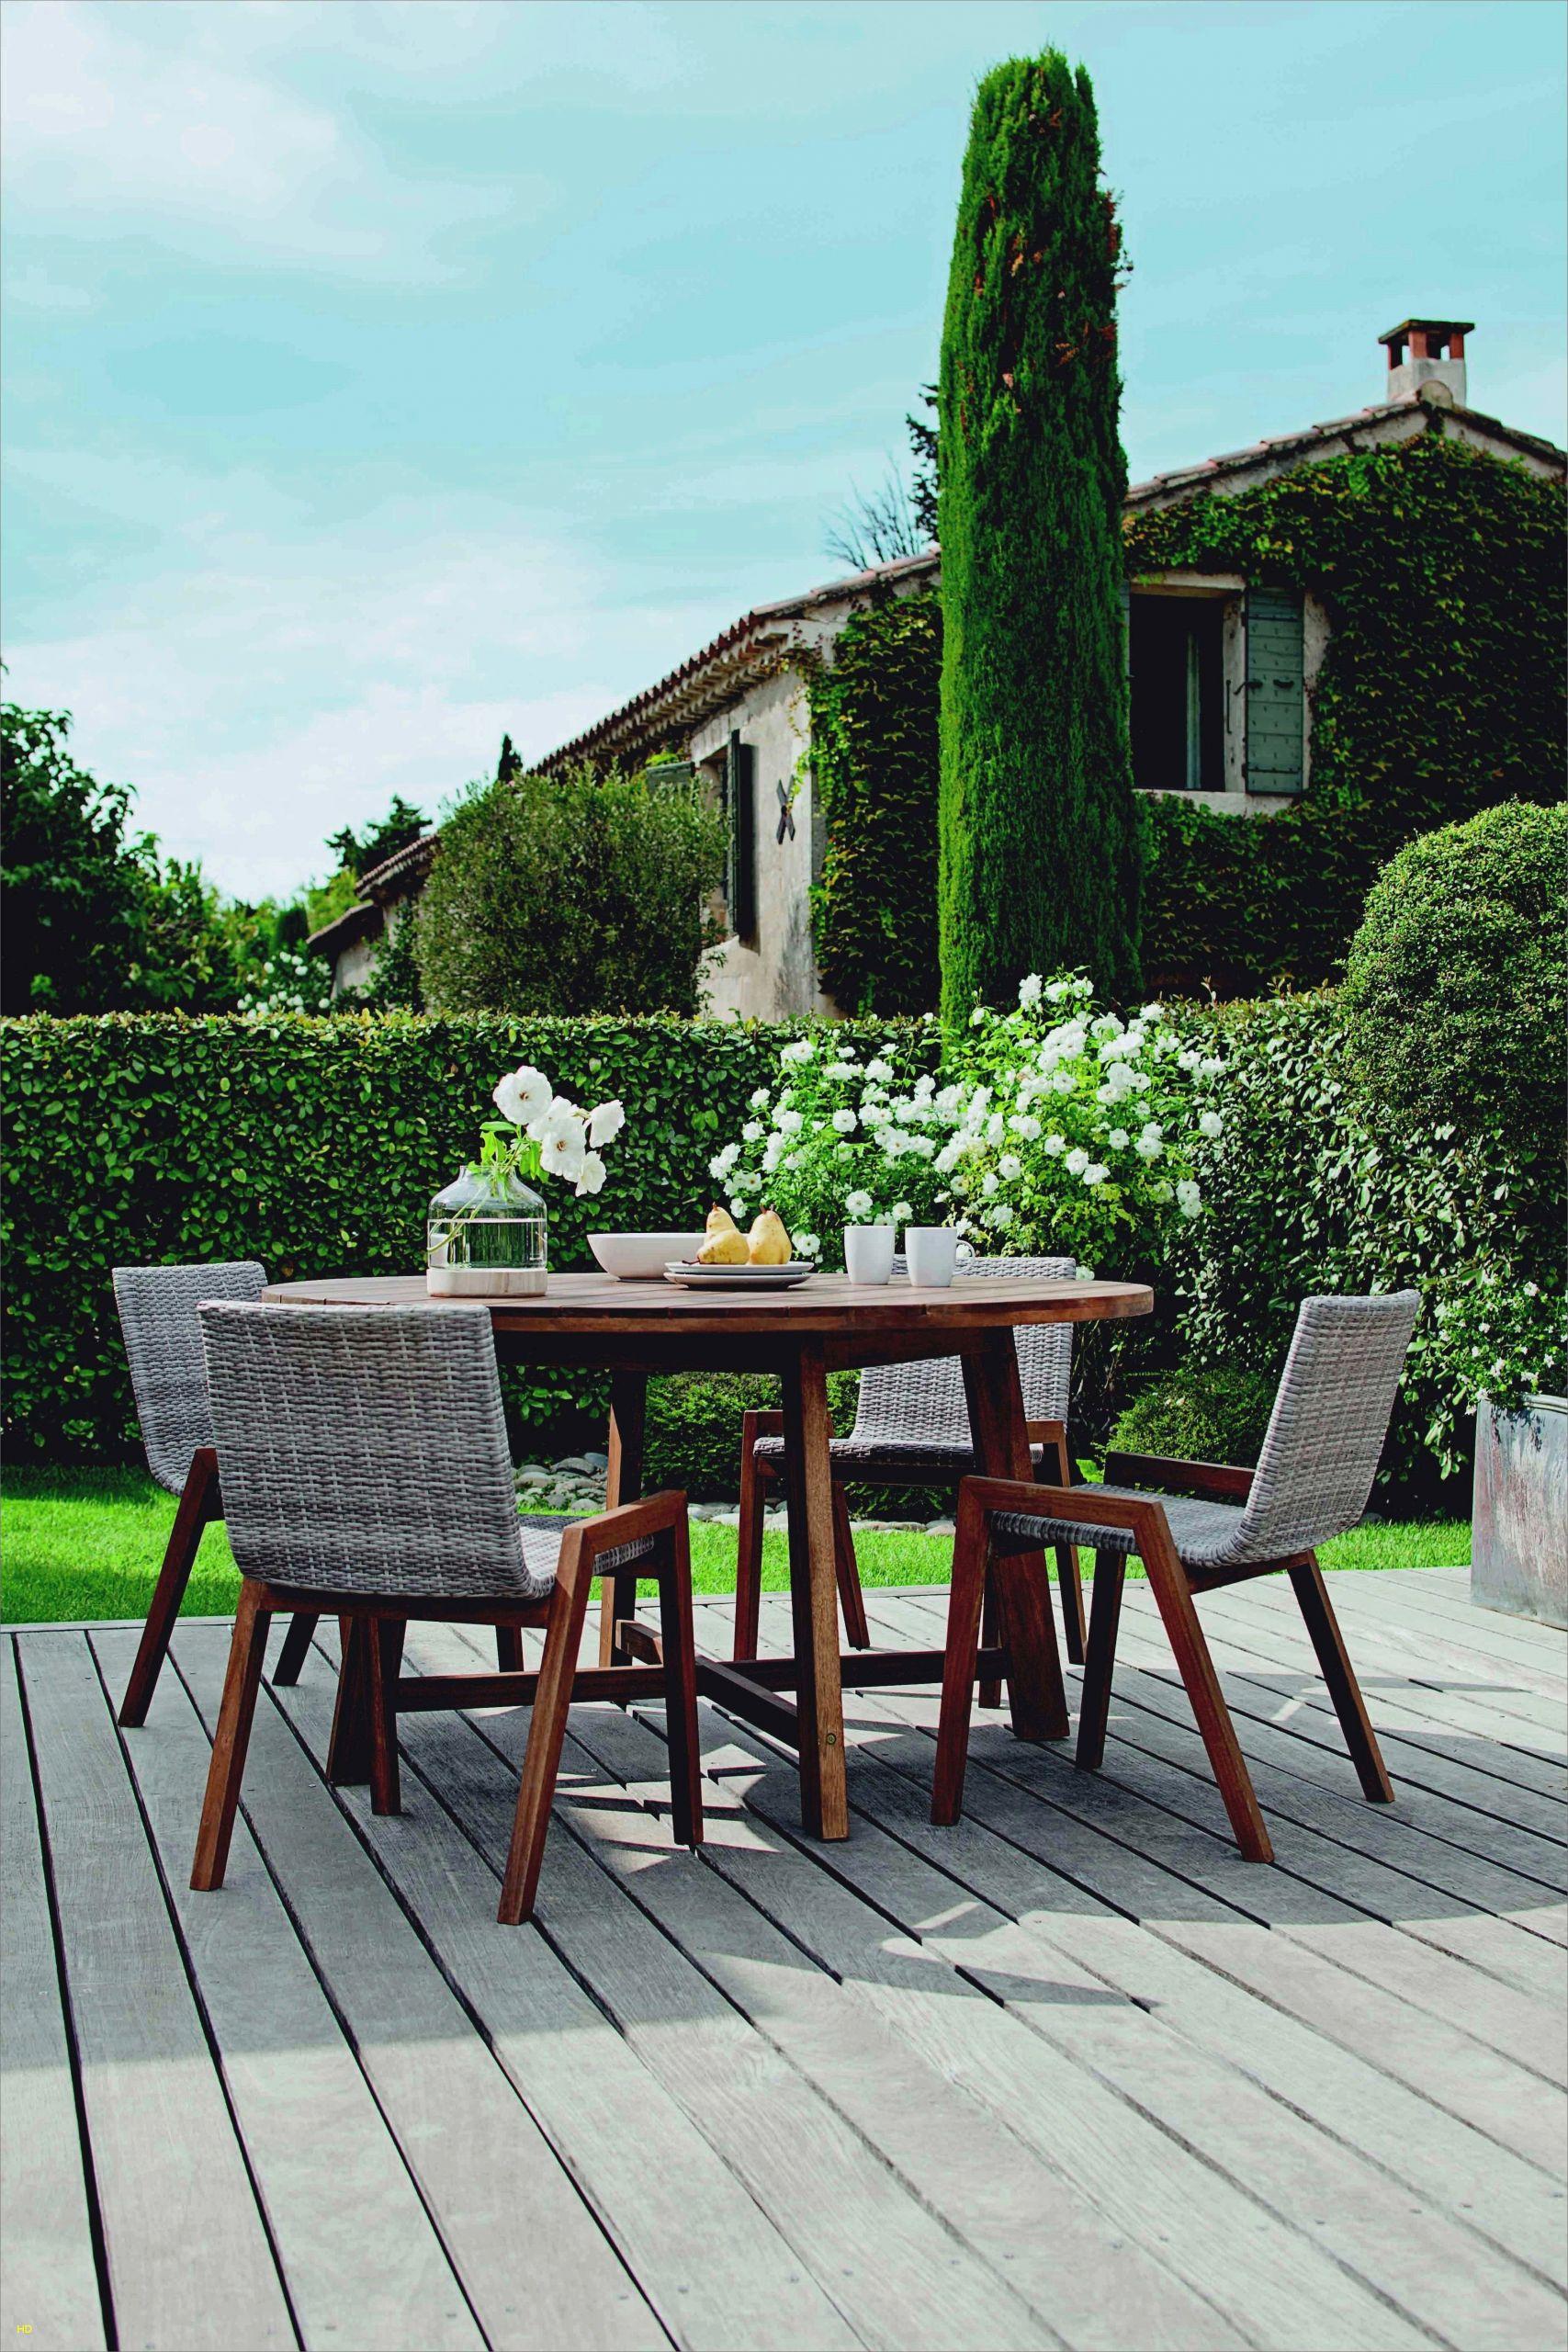 Solde Salon Jardin Best Of Salon De Jardin Leclerc Catalogue ... à Salon De Jardin Brico Leclerc